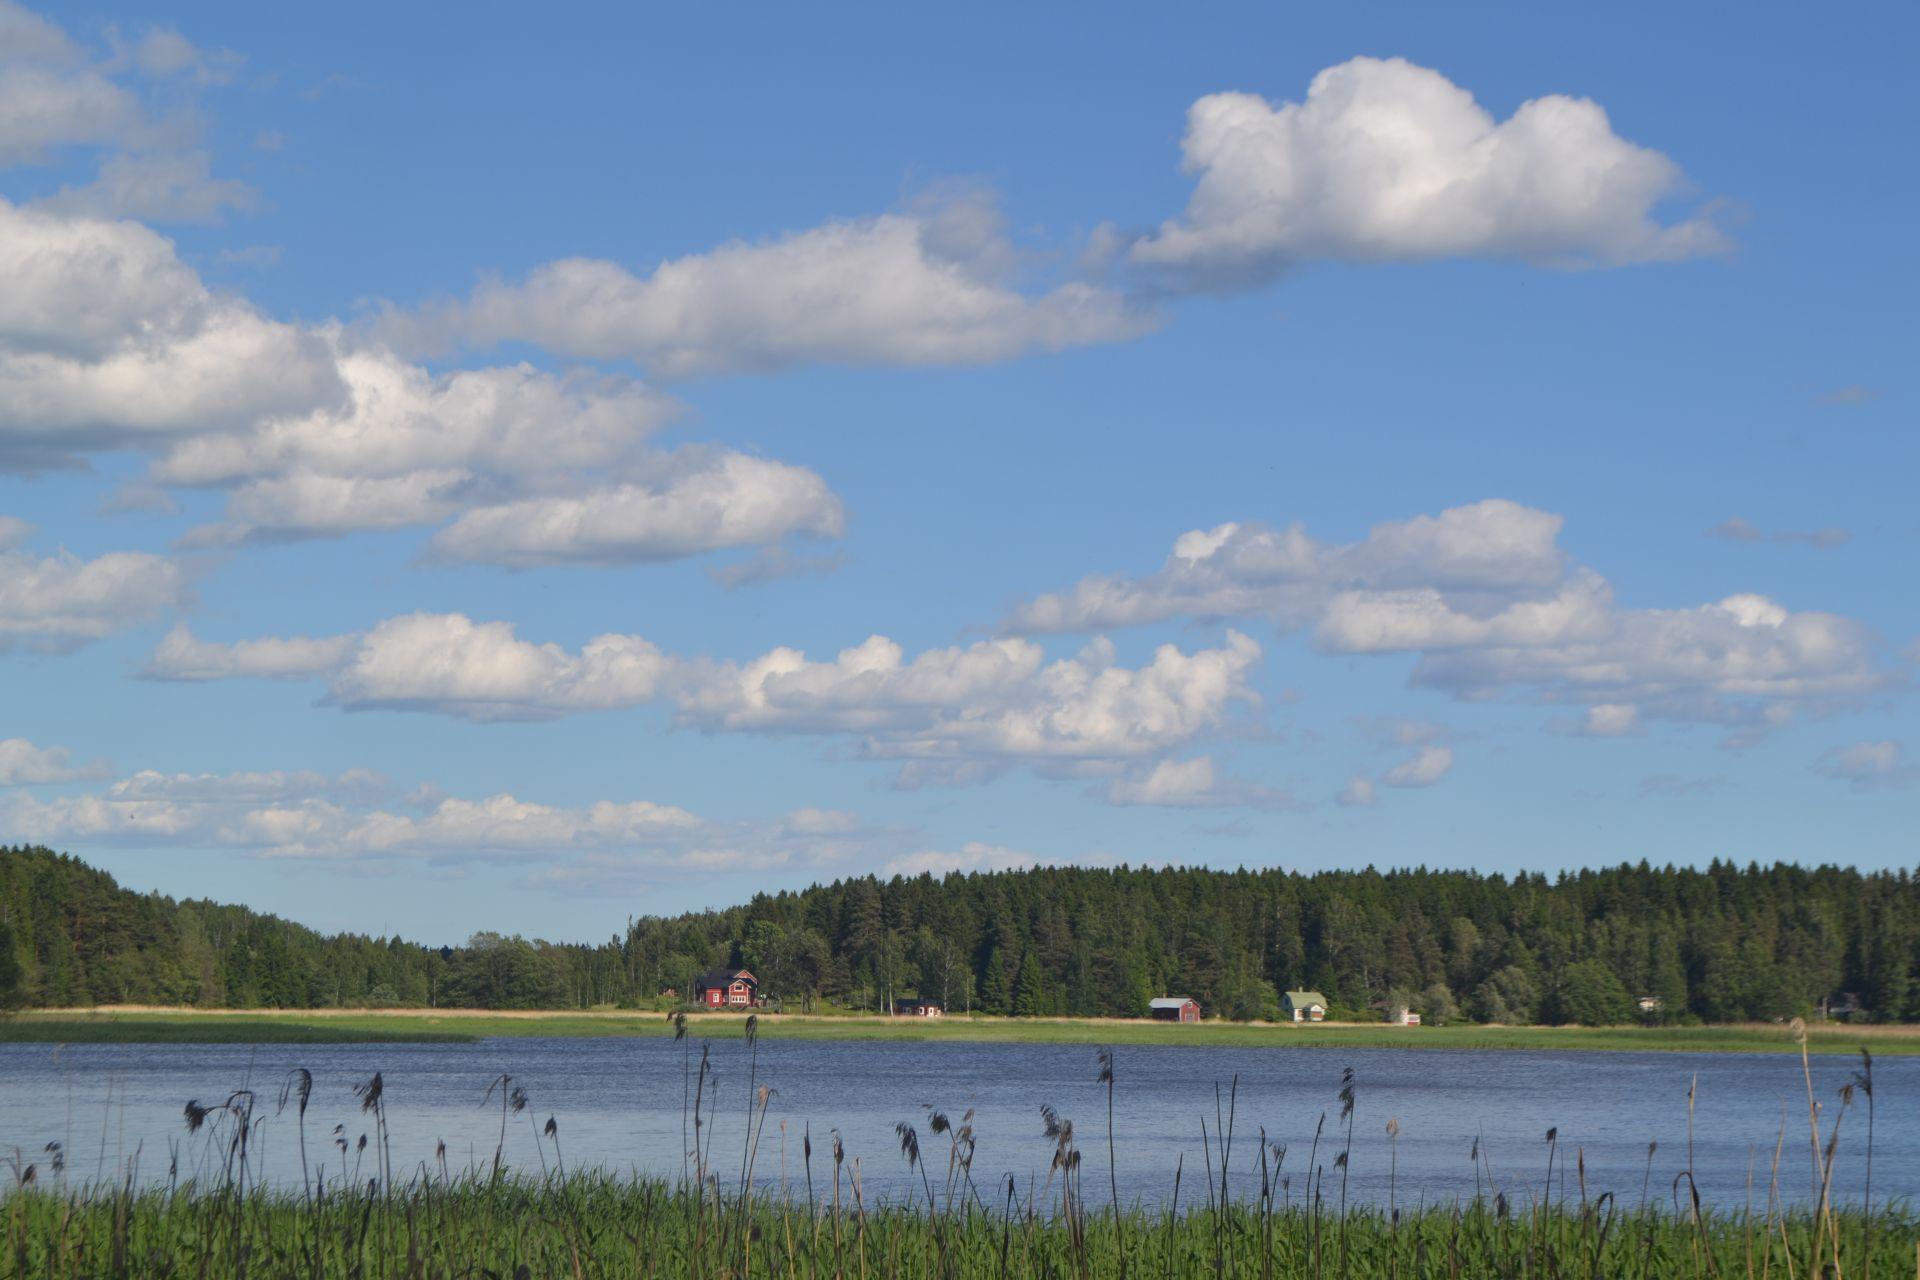 Vacanță cu familia în Finlanda: plajă, relaxare și activități în natură